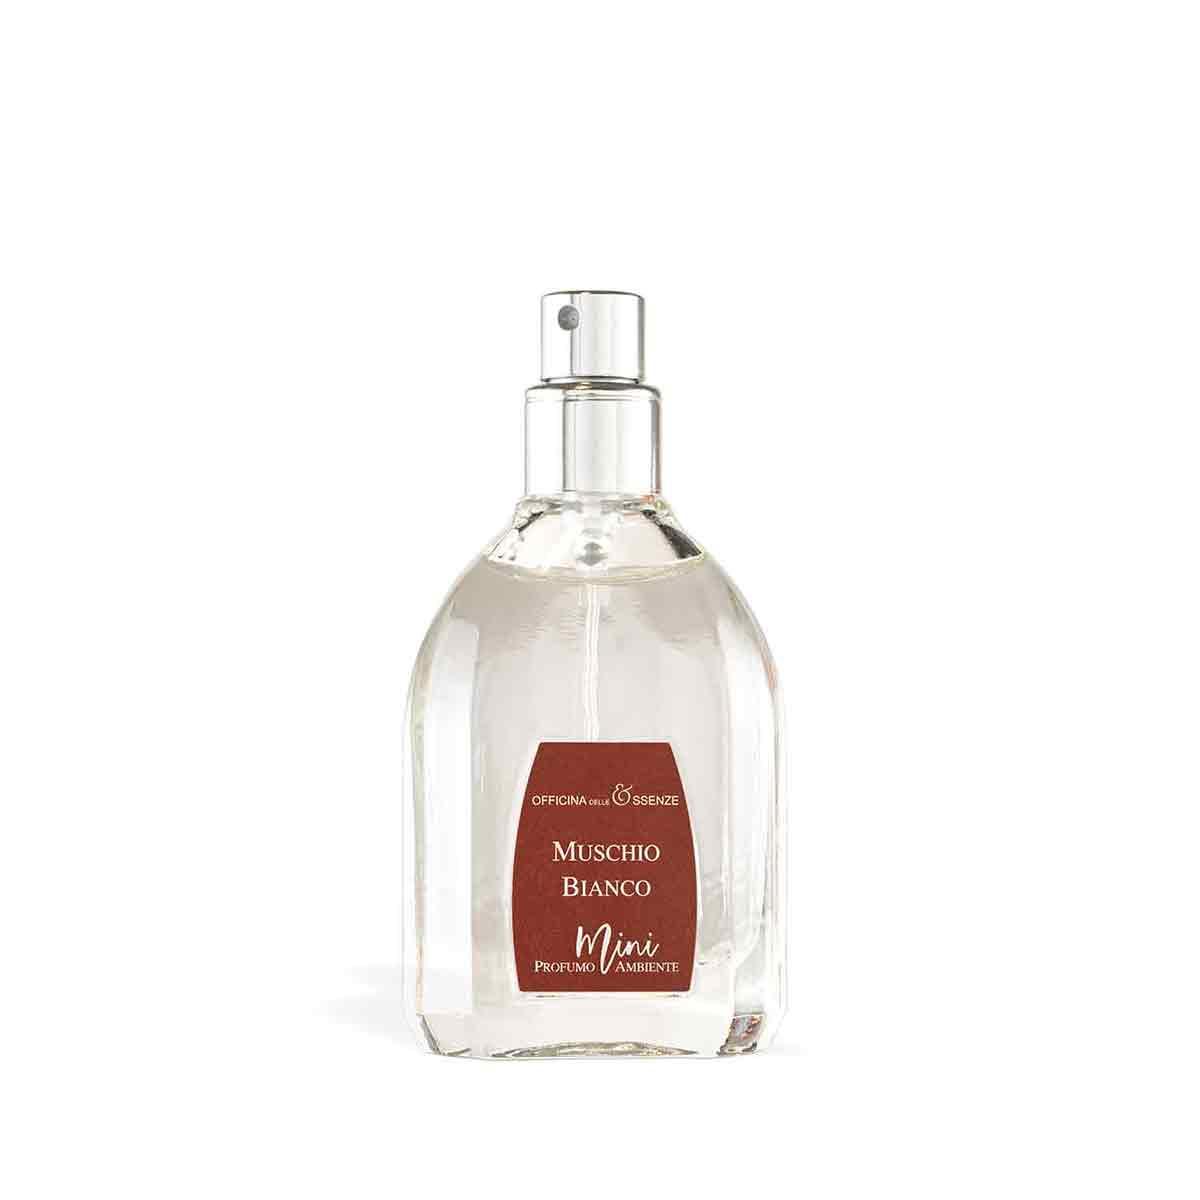 Mini profumo ambiente Muschio Bianco da 25 ml